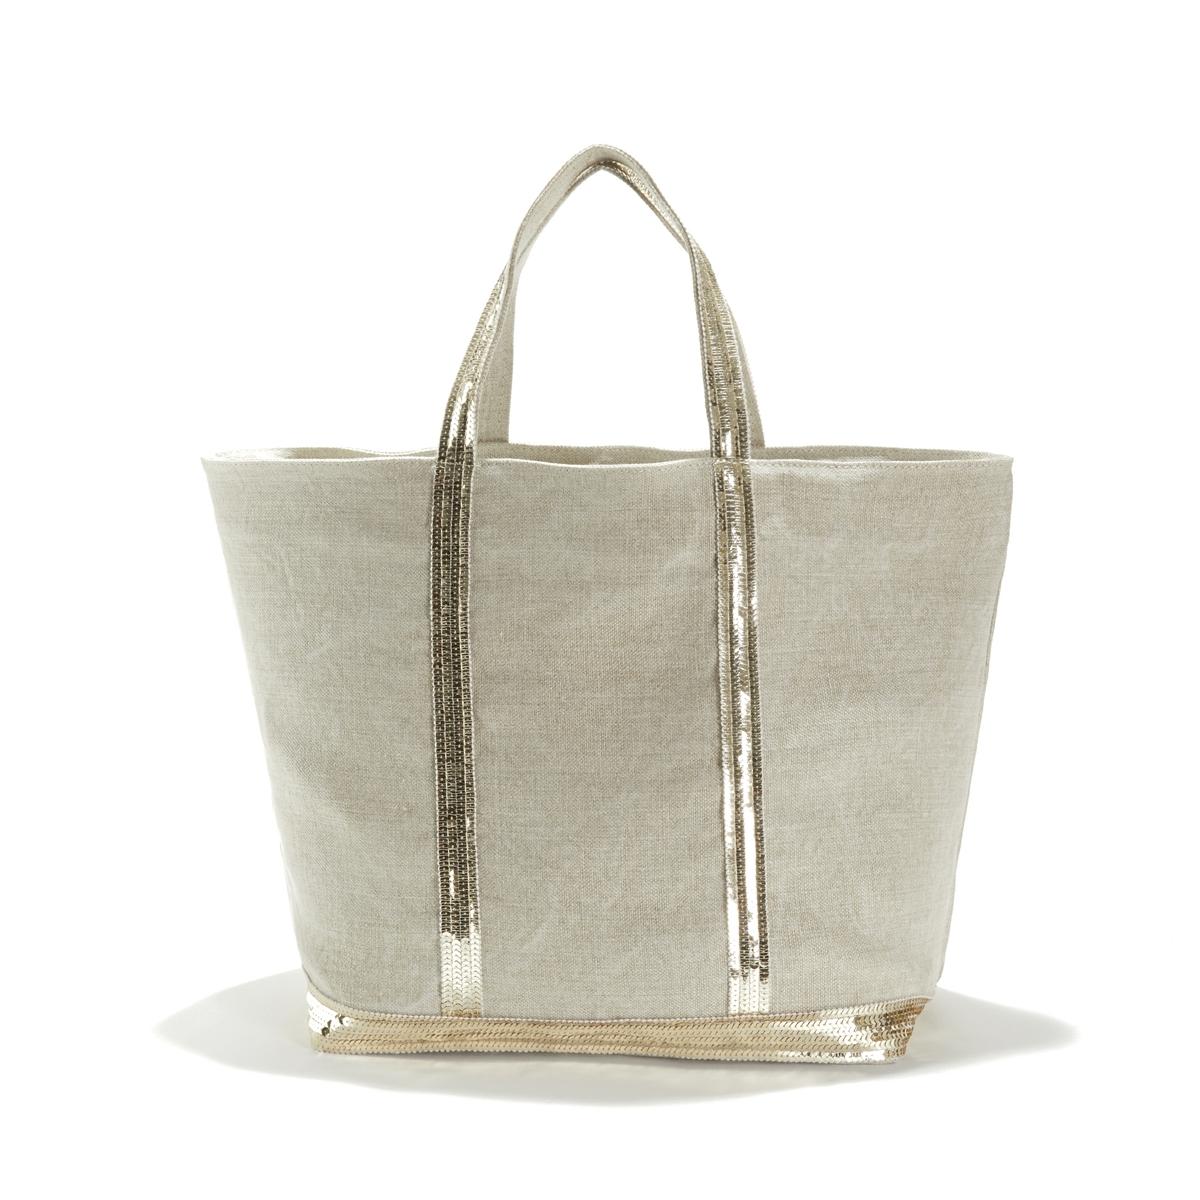 Фото - Сумка-шоппер La Redoute Из льна с блестками единый размер бежевый сумка шоппер средняя из парусины с блестками